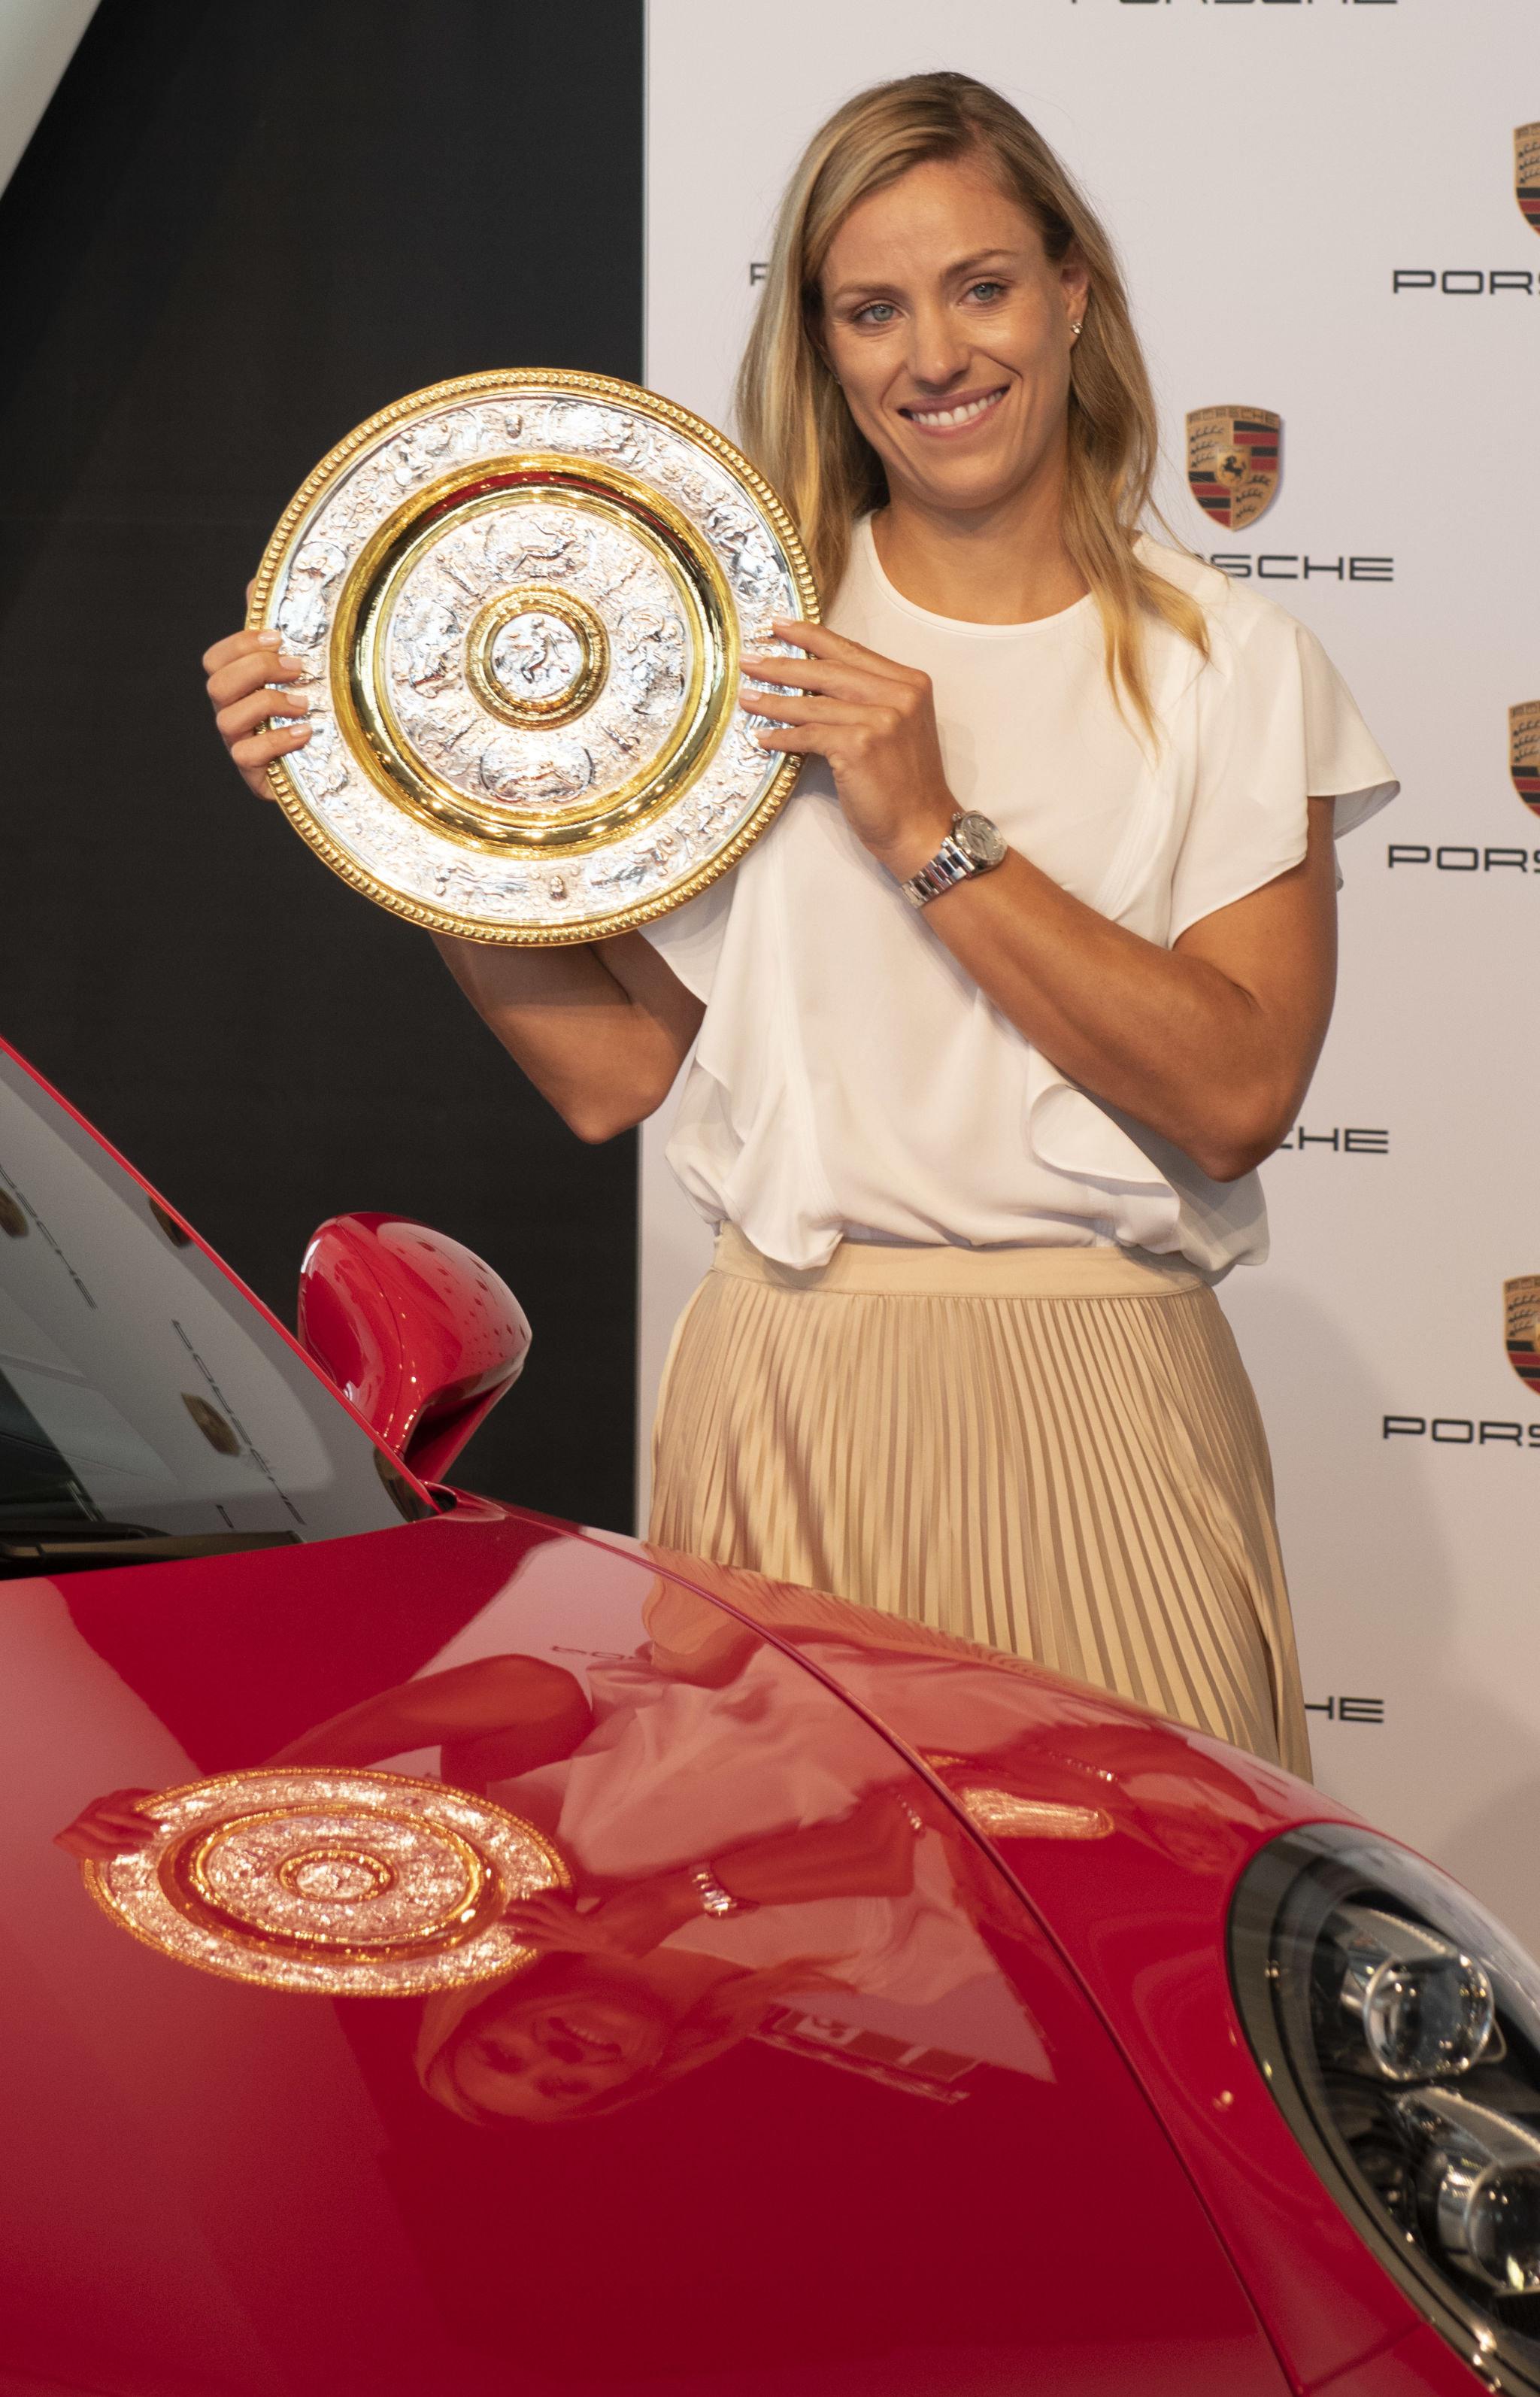 لاعبة التنس الألمانية أنجليك كيربر